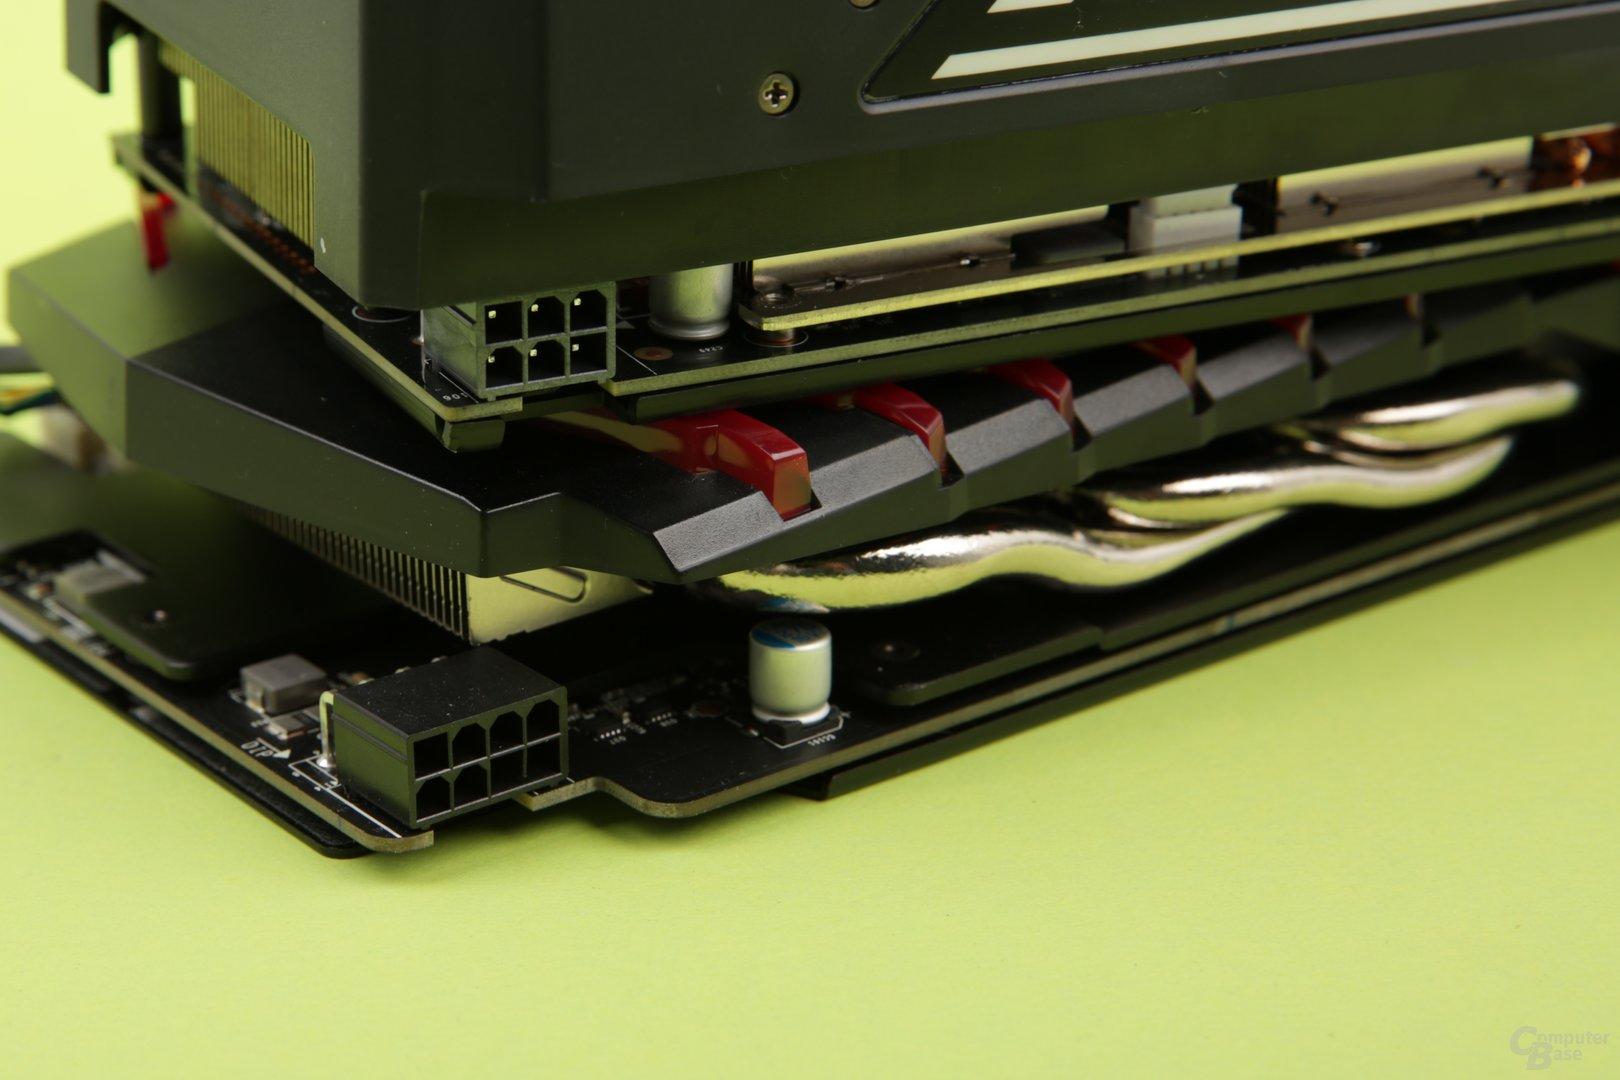 Palit bietet ein Mal 6 Pin, MSI ein Mal 8 Pin